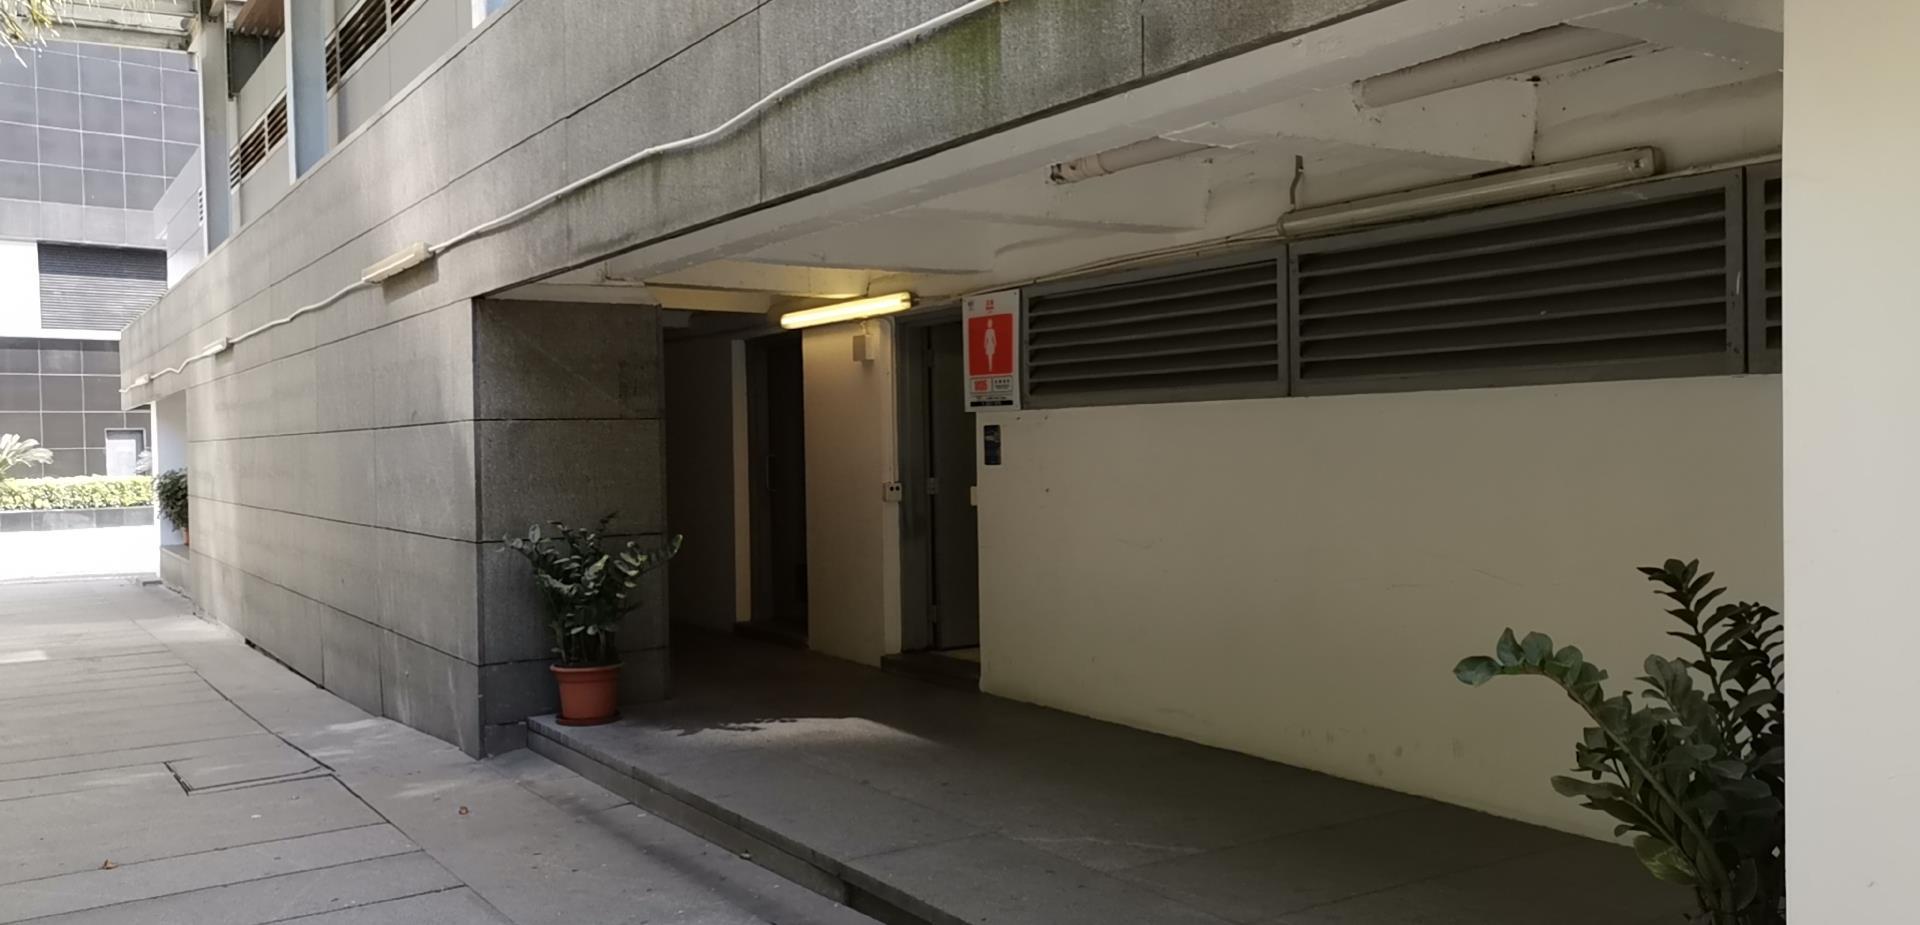 M35Public toilet in CCM Square